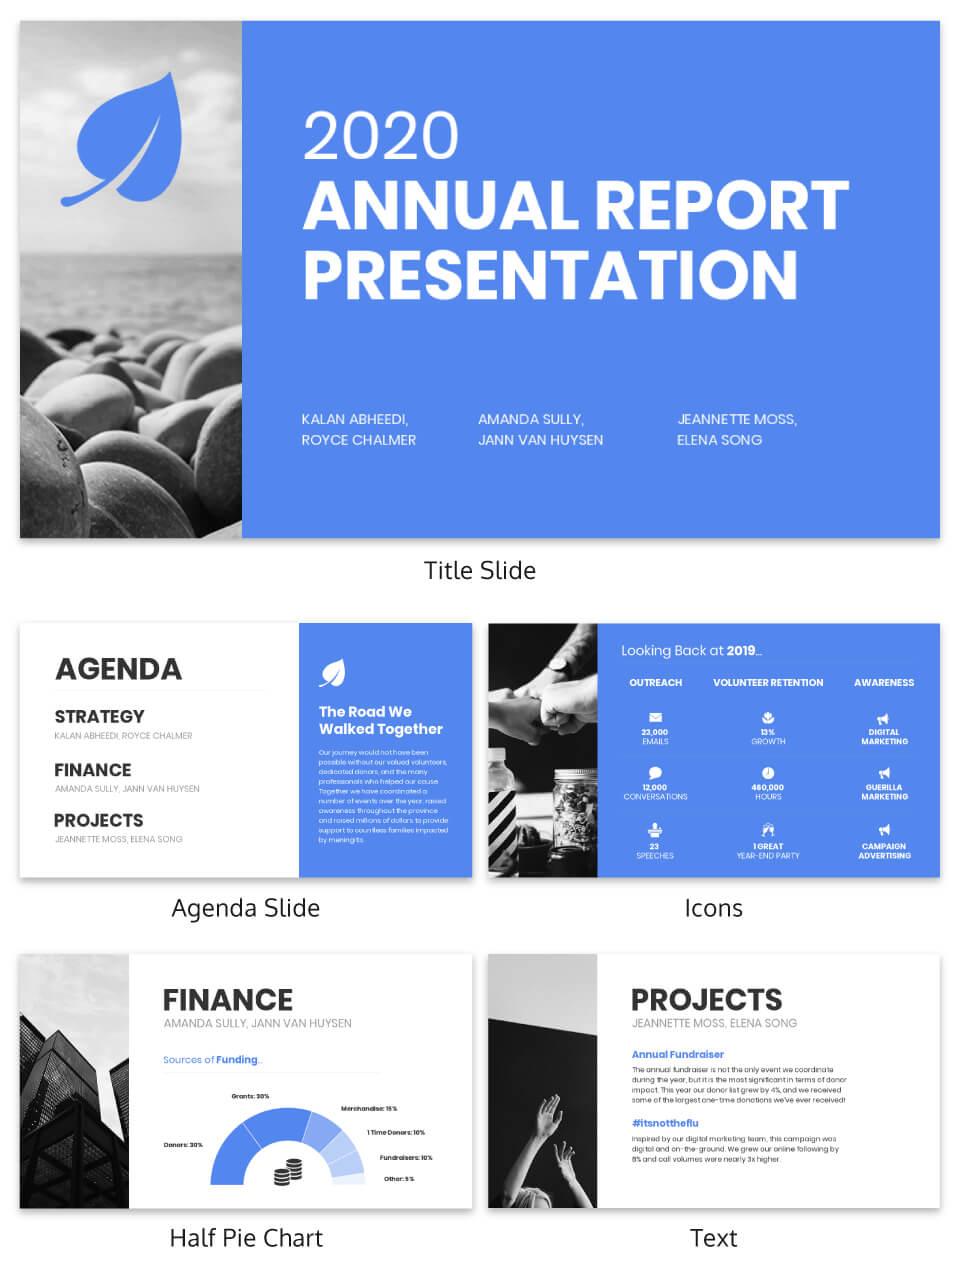 Non Profit Annual Report Presentation Template Template pertaining to Nonprofit Annual Report Template